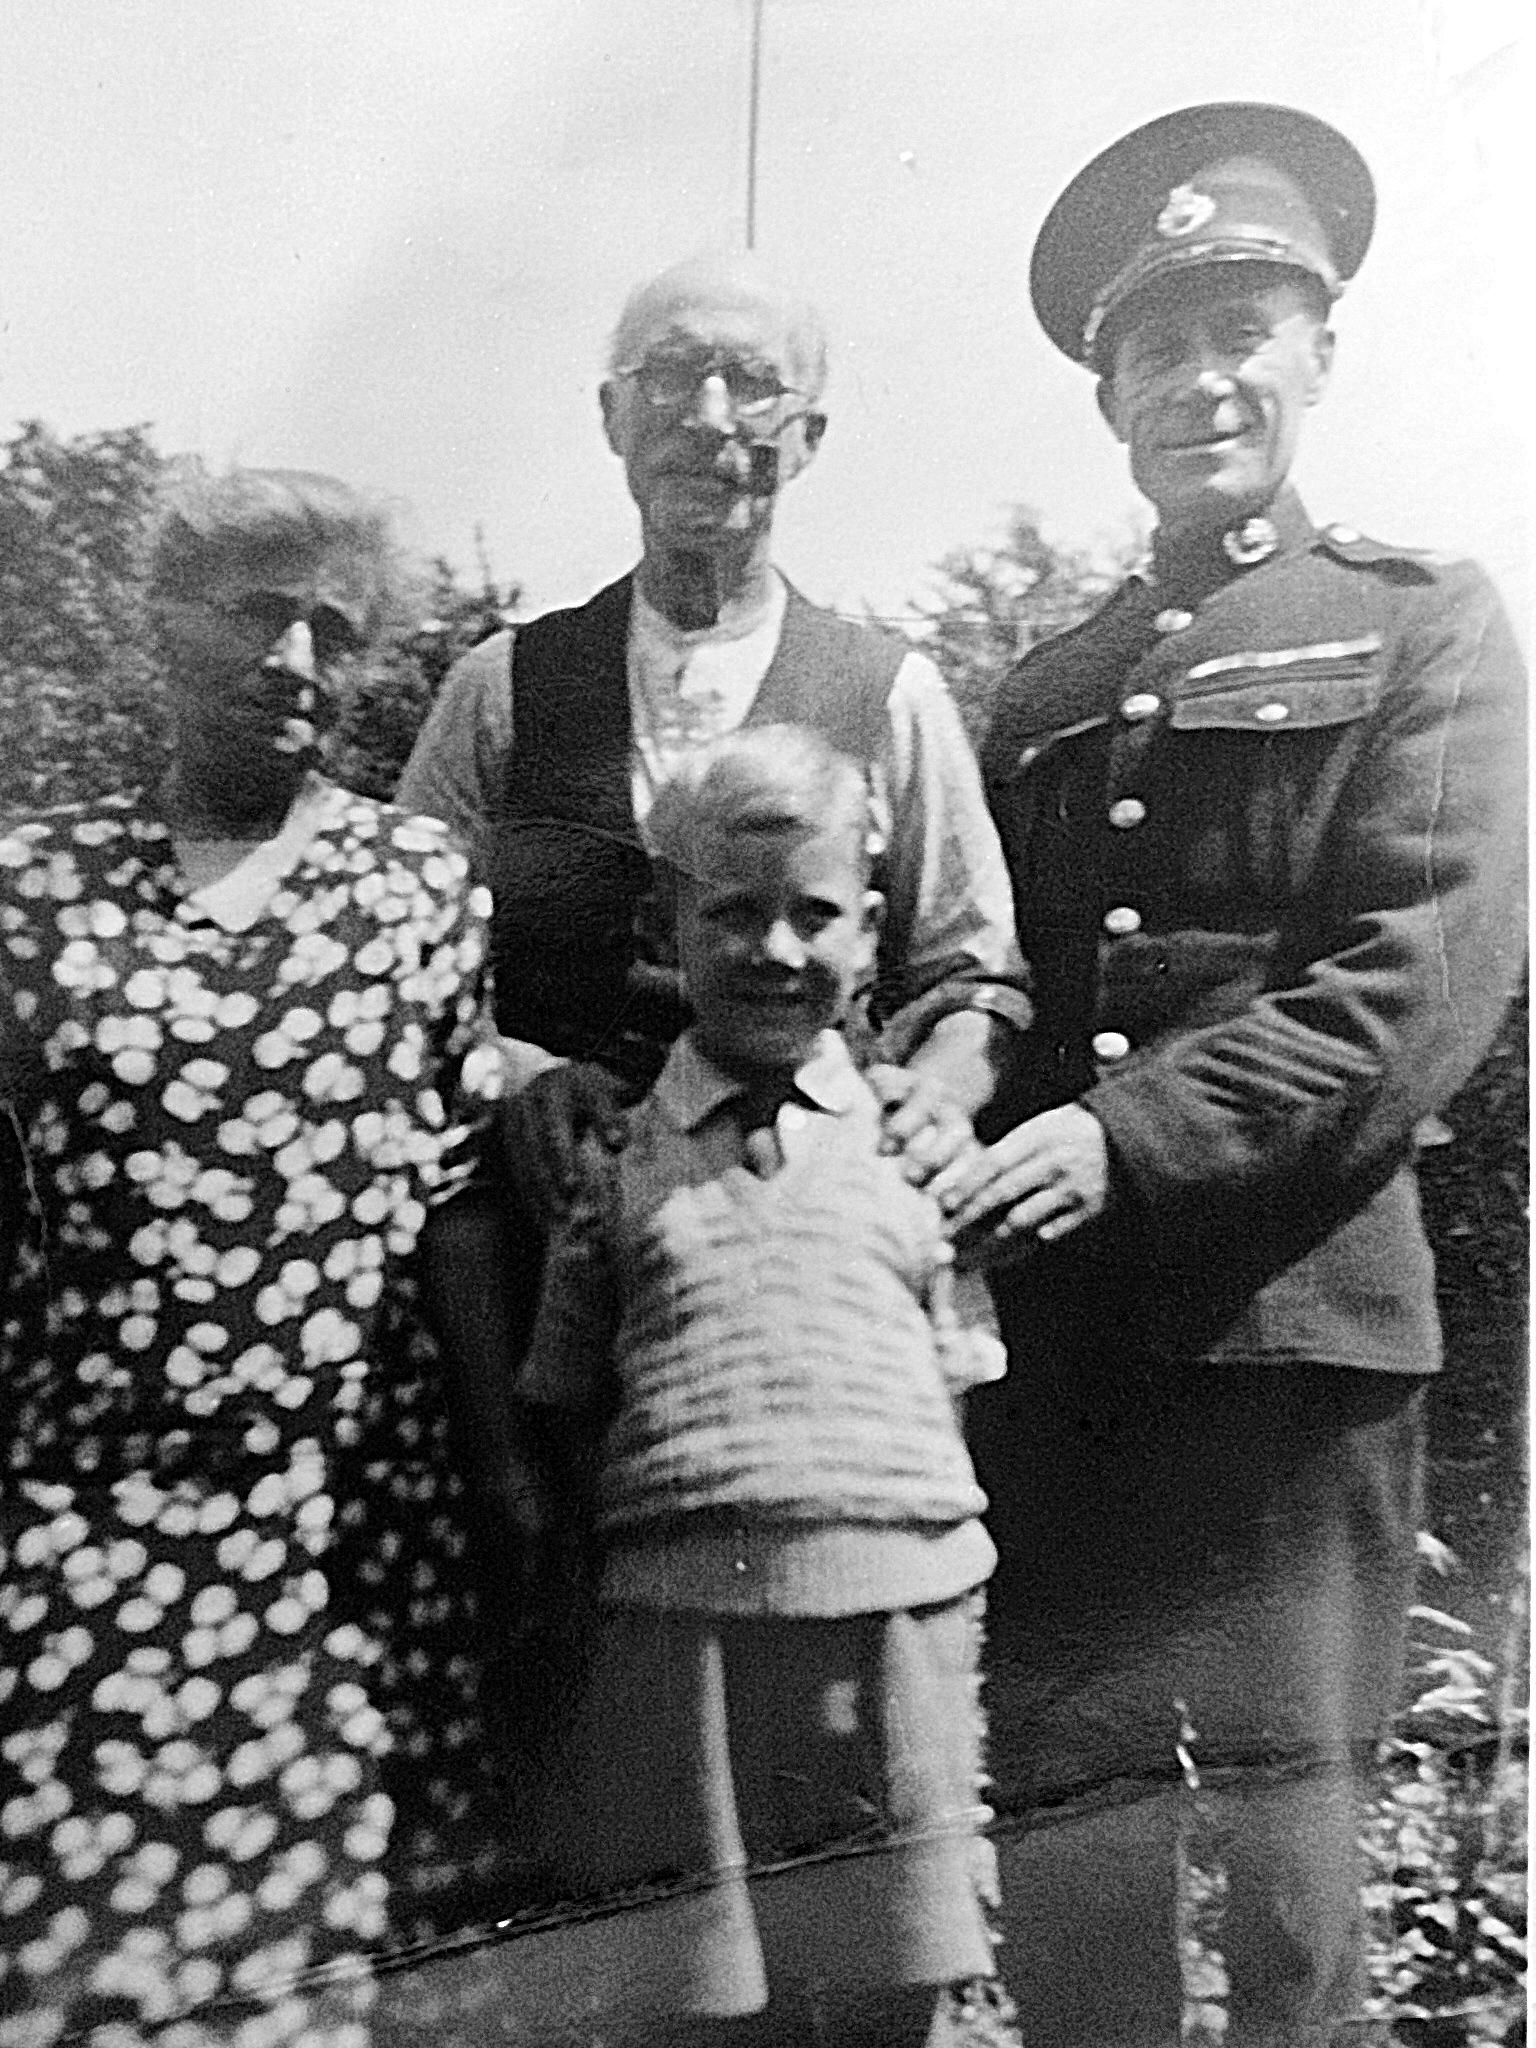 Goode Family Henry, Harry, Elizabeth Chiddicks David Goode